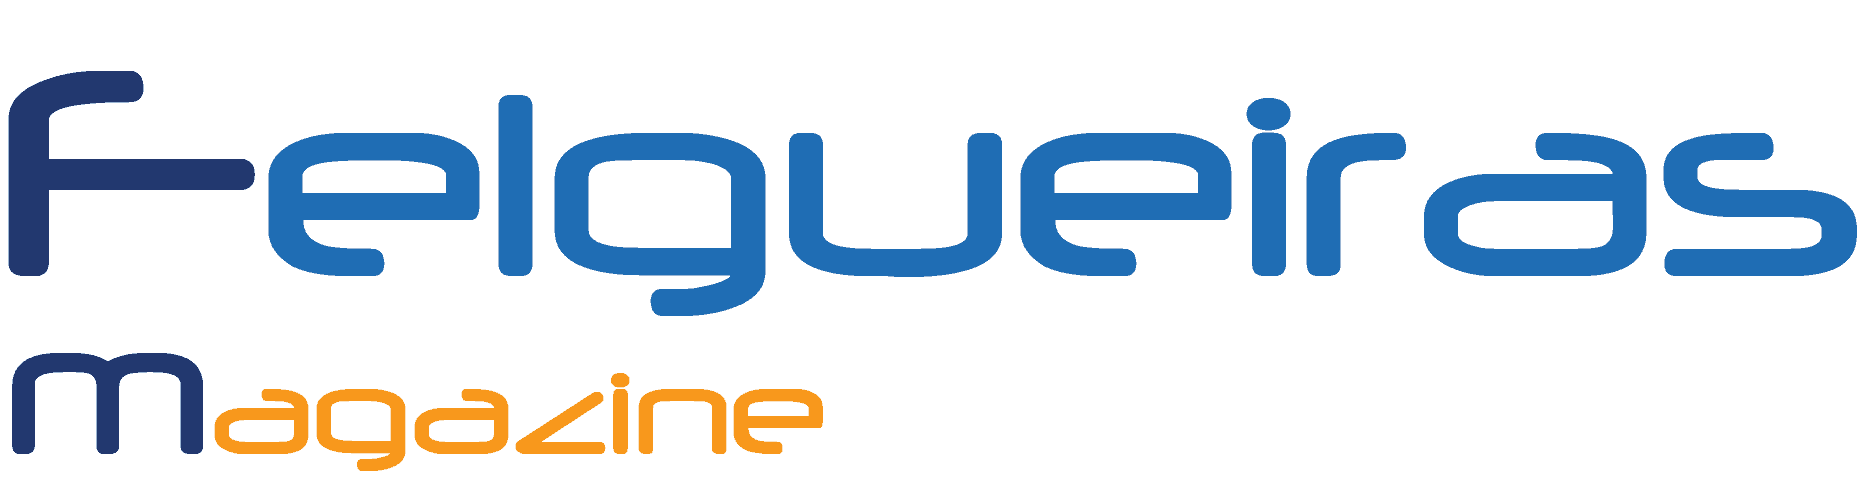 felgueiras magazine Logo